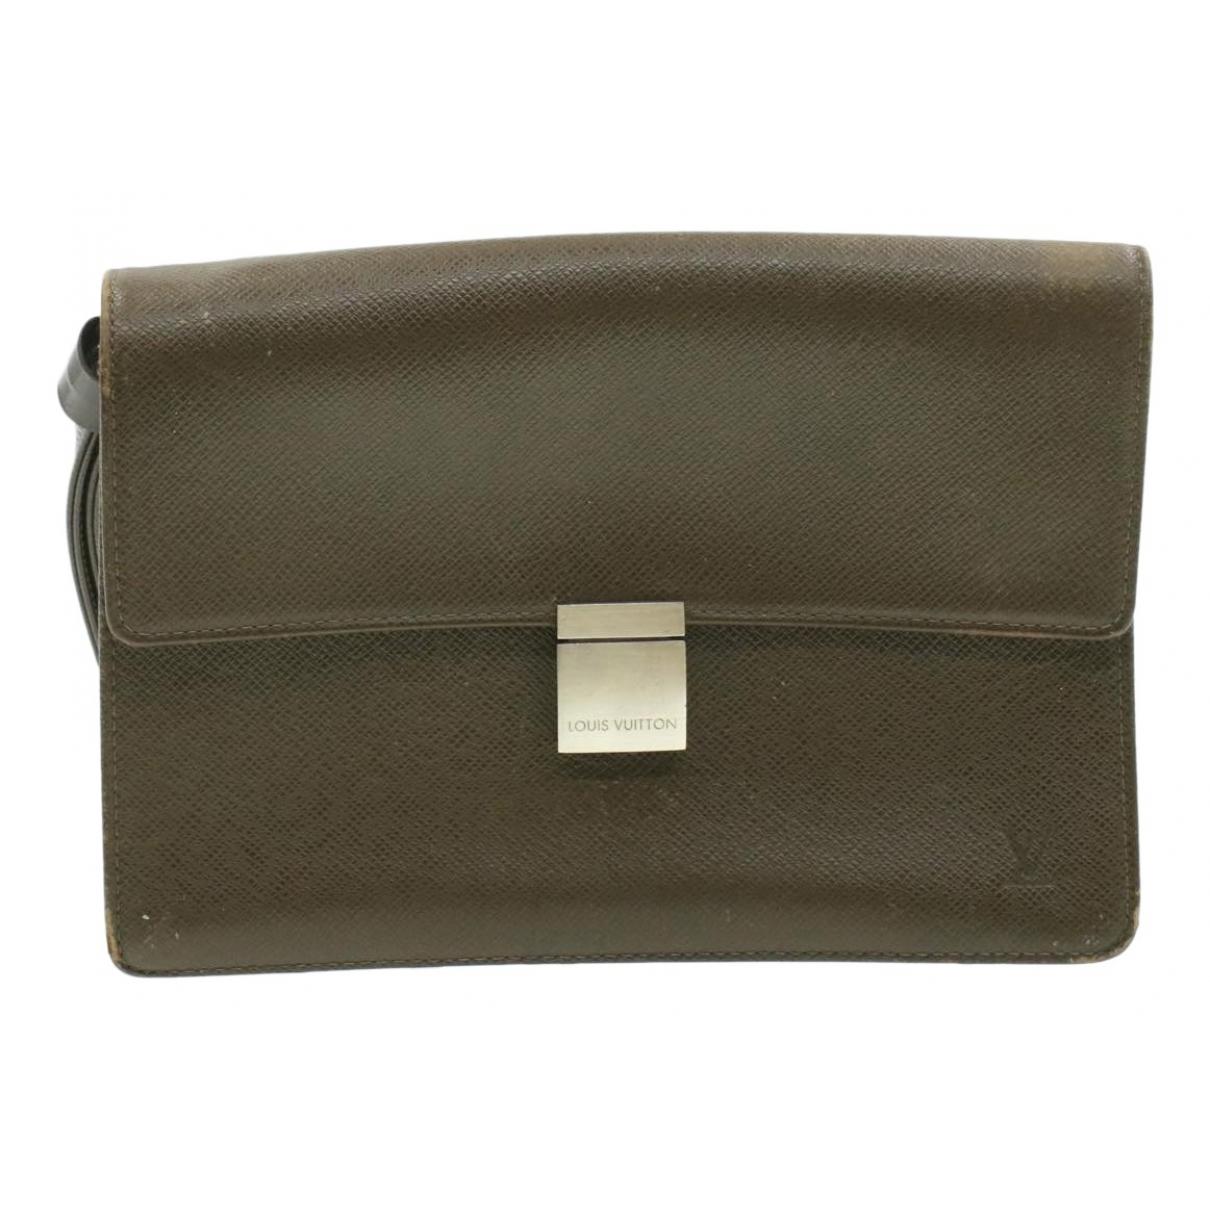 Louis Vuitton - Sac   pour homme en cuir - marron